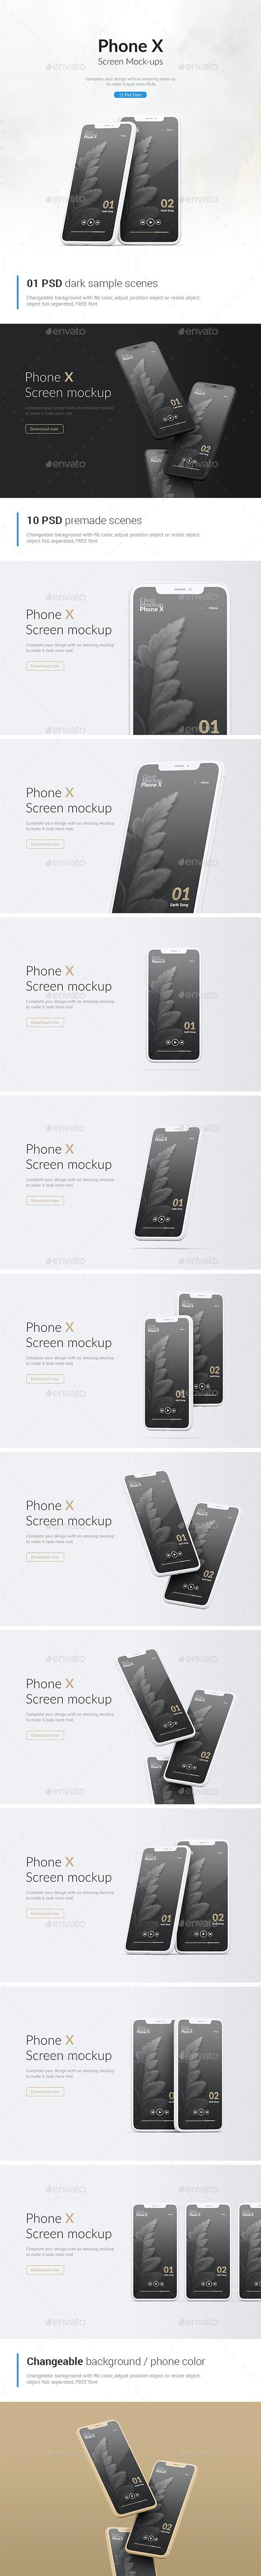 Phone Mockup / Clay Phone X Mockup / App Screen Mockup - Mobile Displays